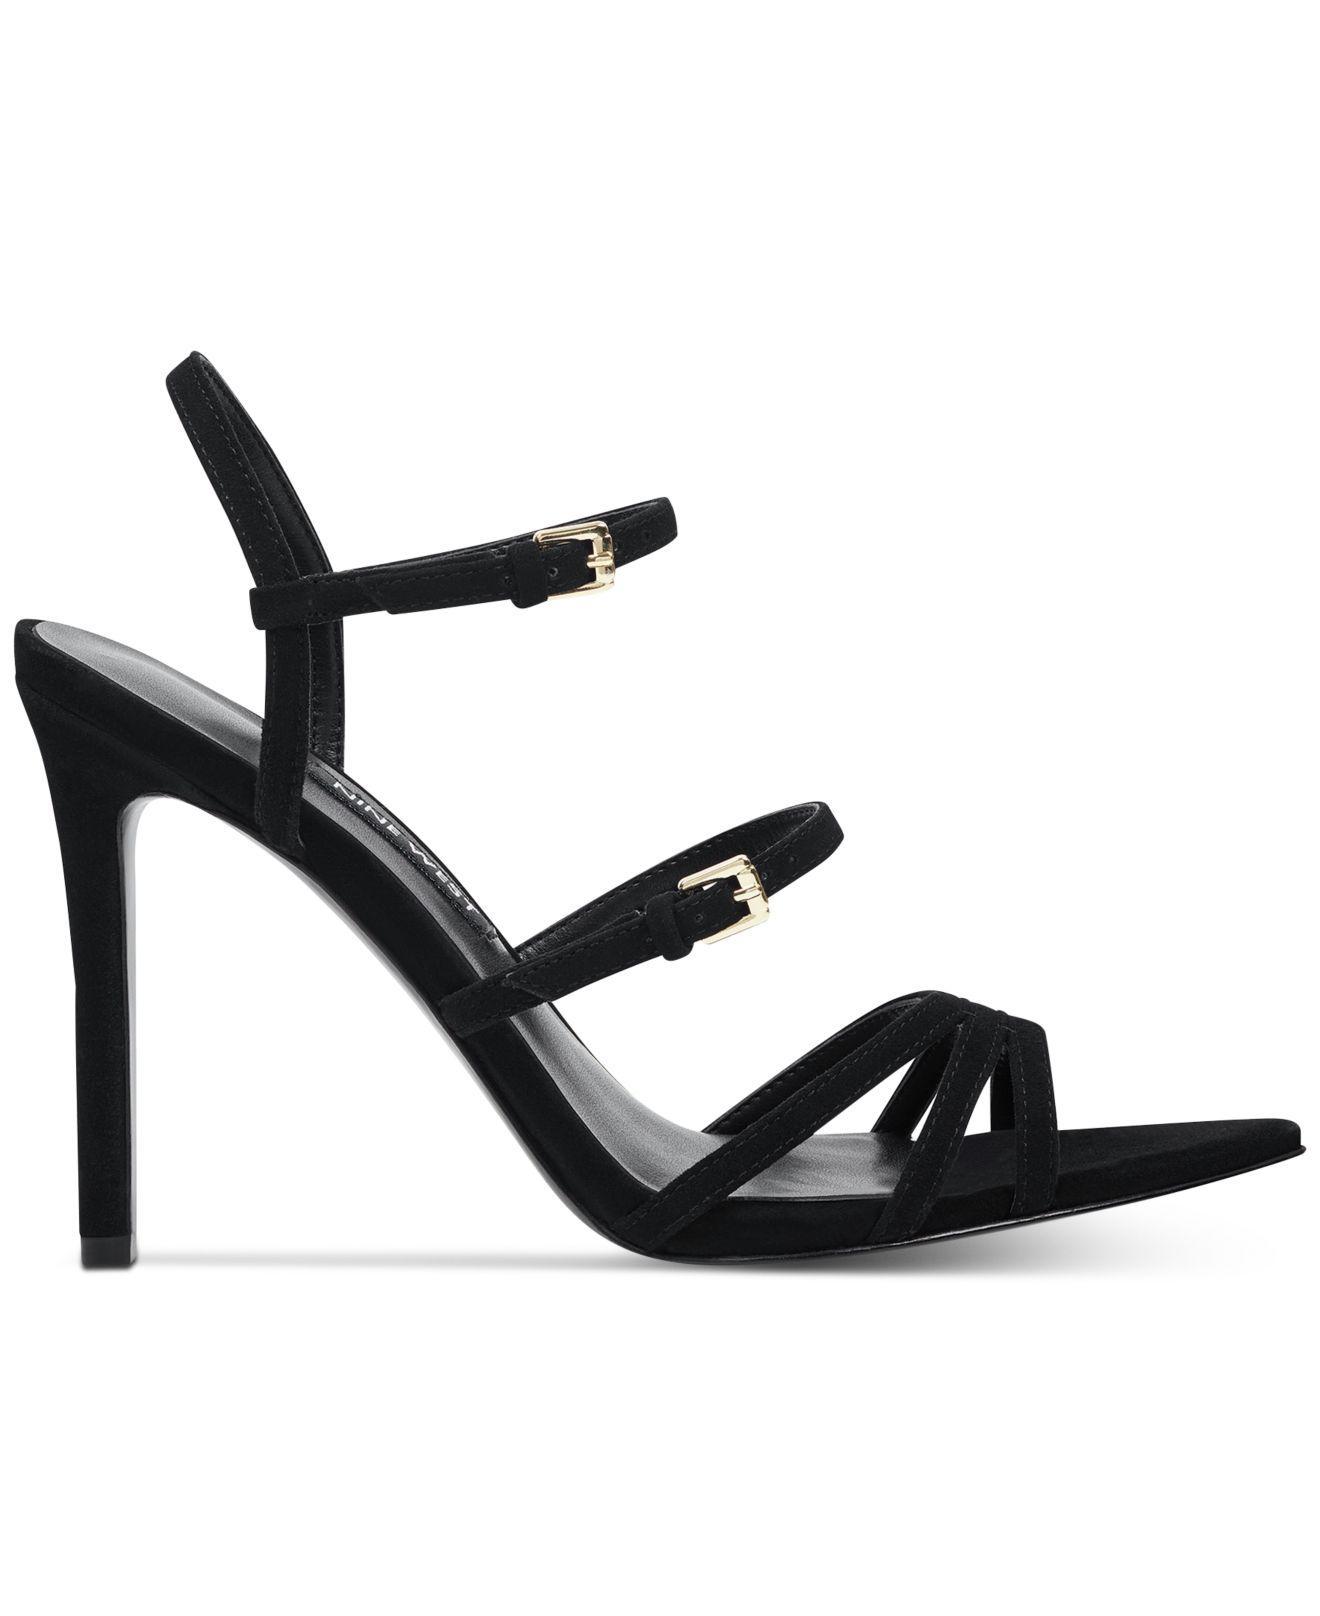 ffdf8decda66 Lyst - Nine West Gilficco Strappy Dress Sandals in Black